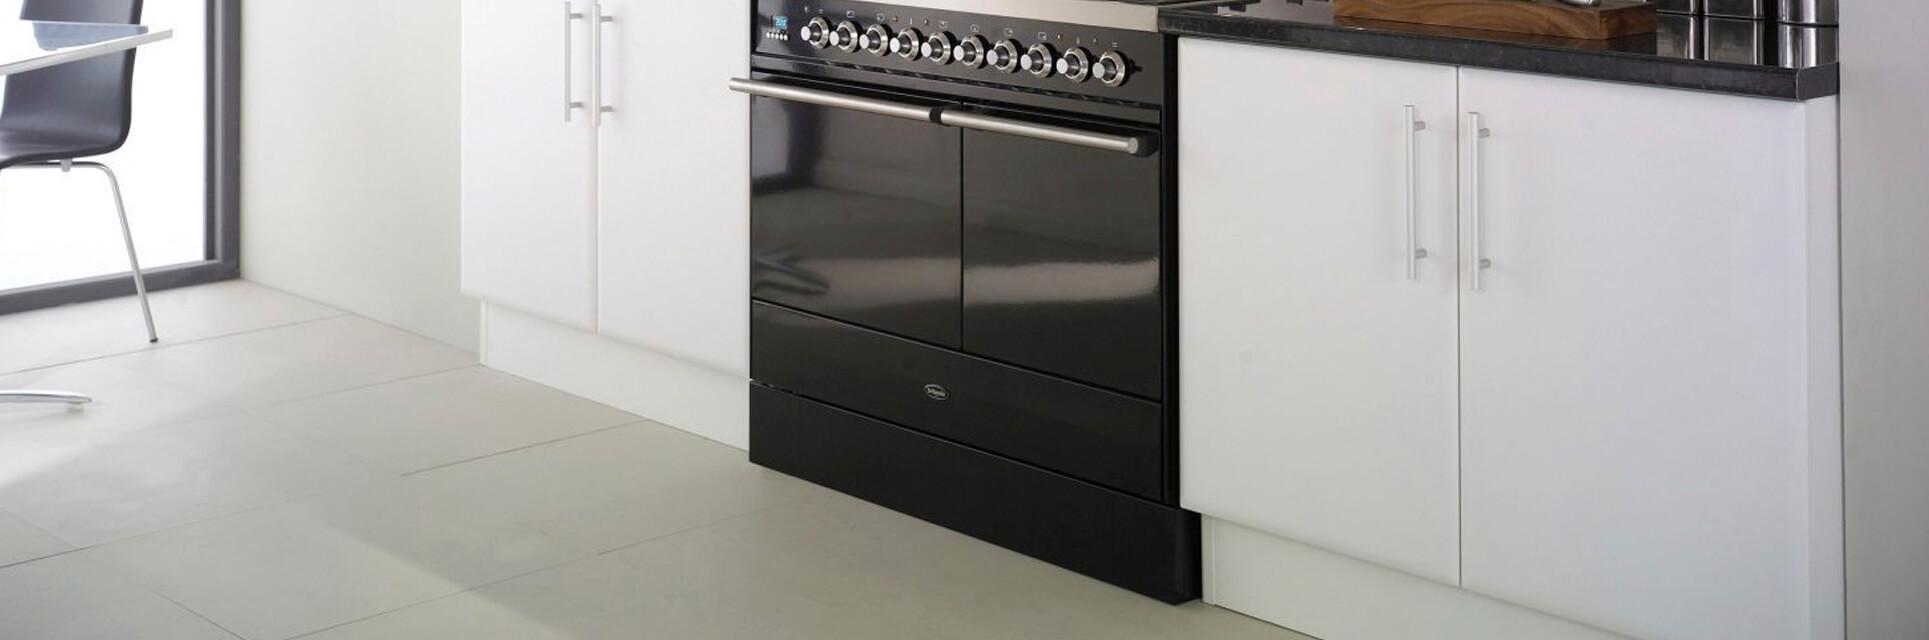 Servicio técnico hornos ariston